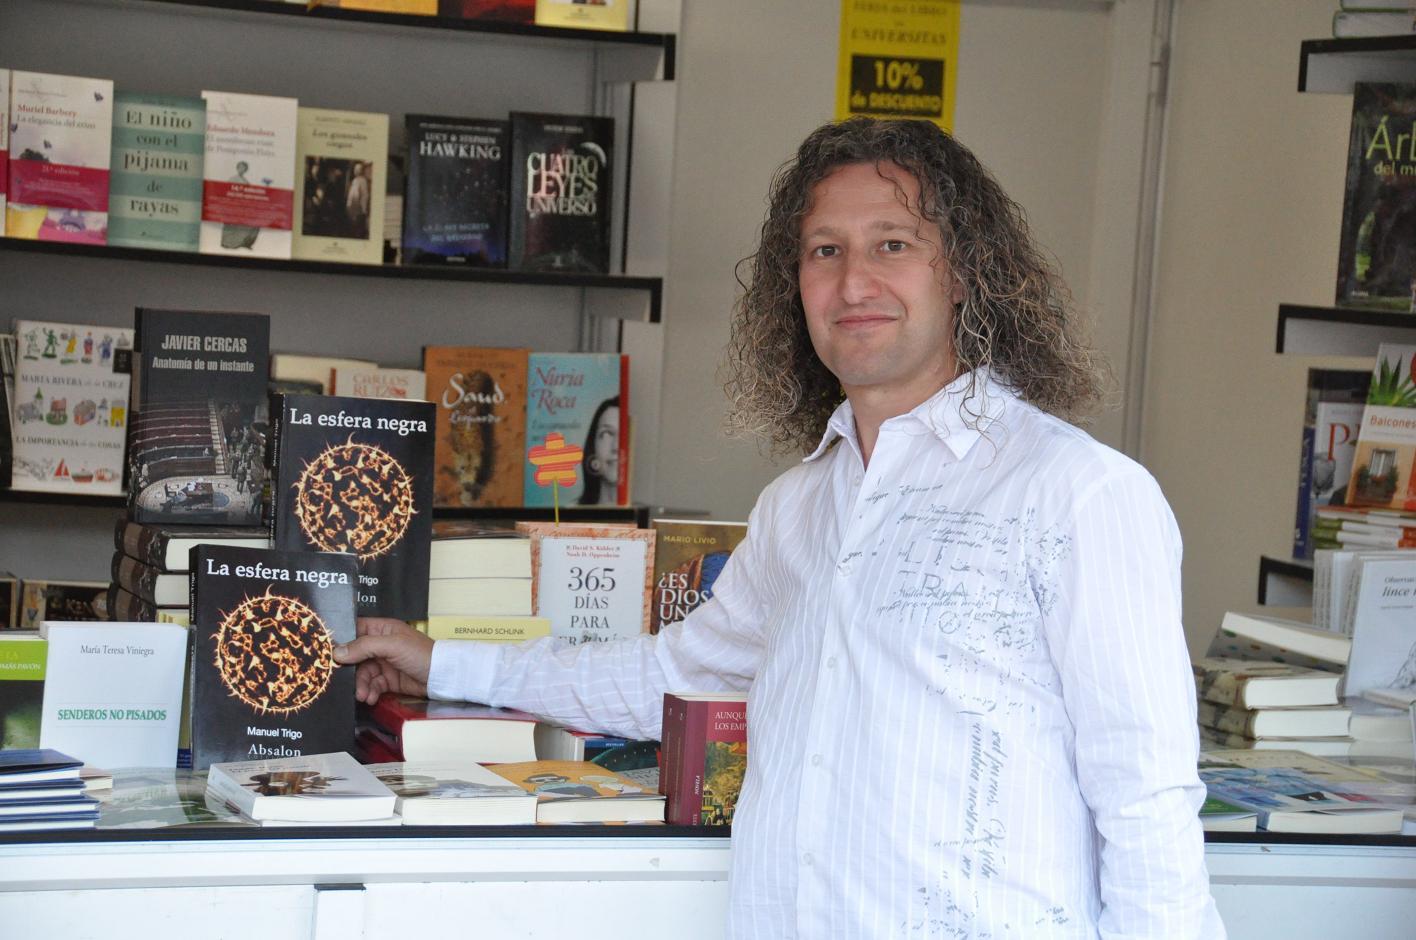 """Manuel Trigo con su novela """"La esfera negra"""" en una de las casetas de la Feria del LIbro de Badajoz."""